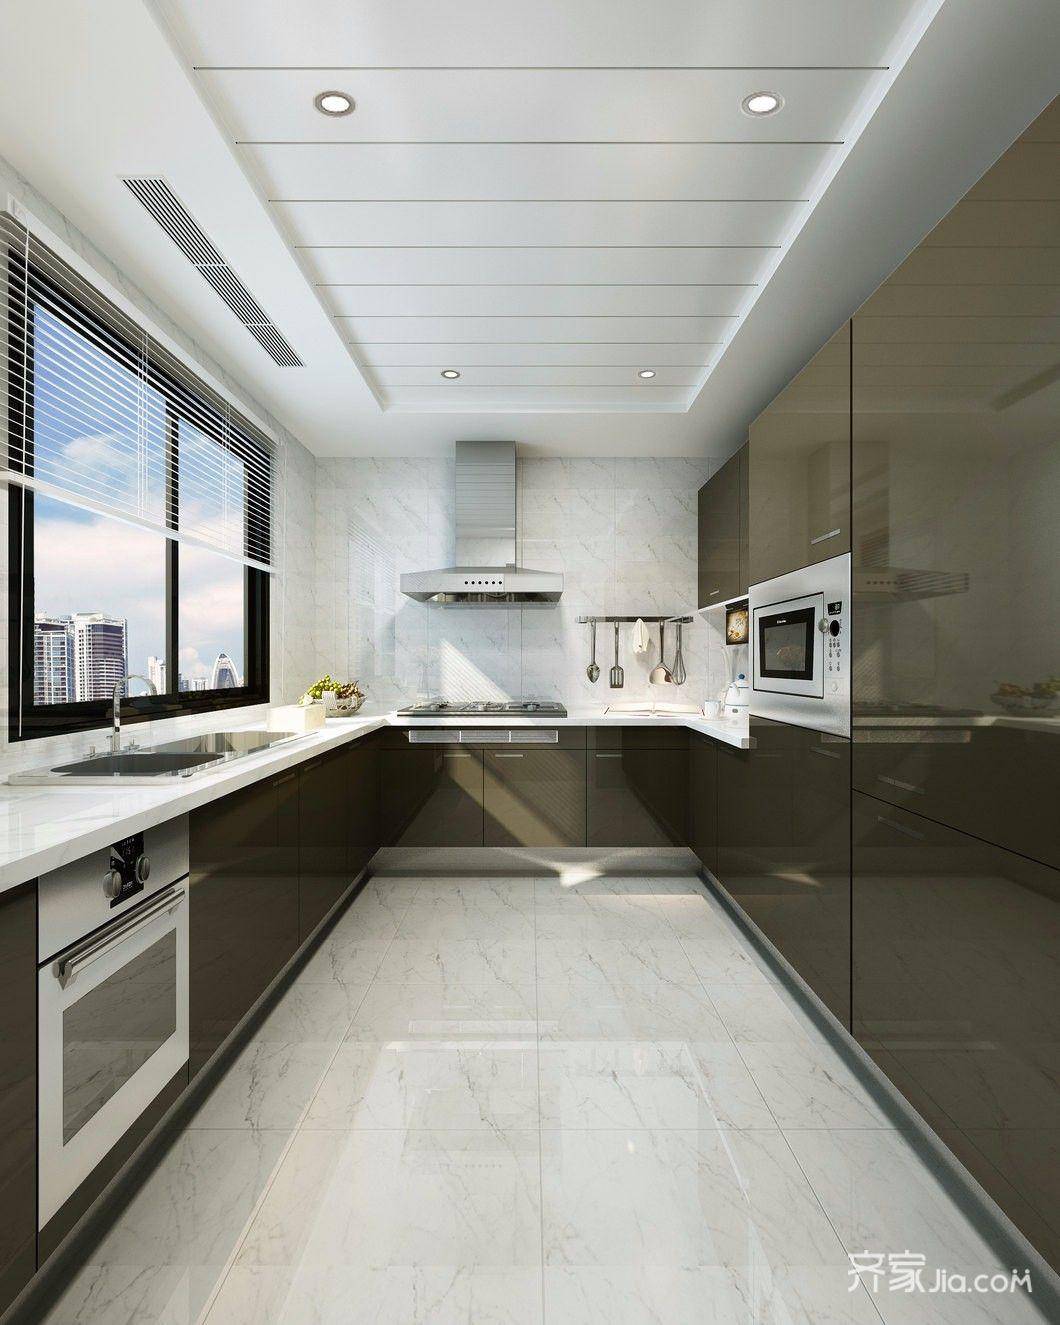 130平米现代风格厨房装修效果图